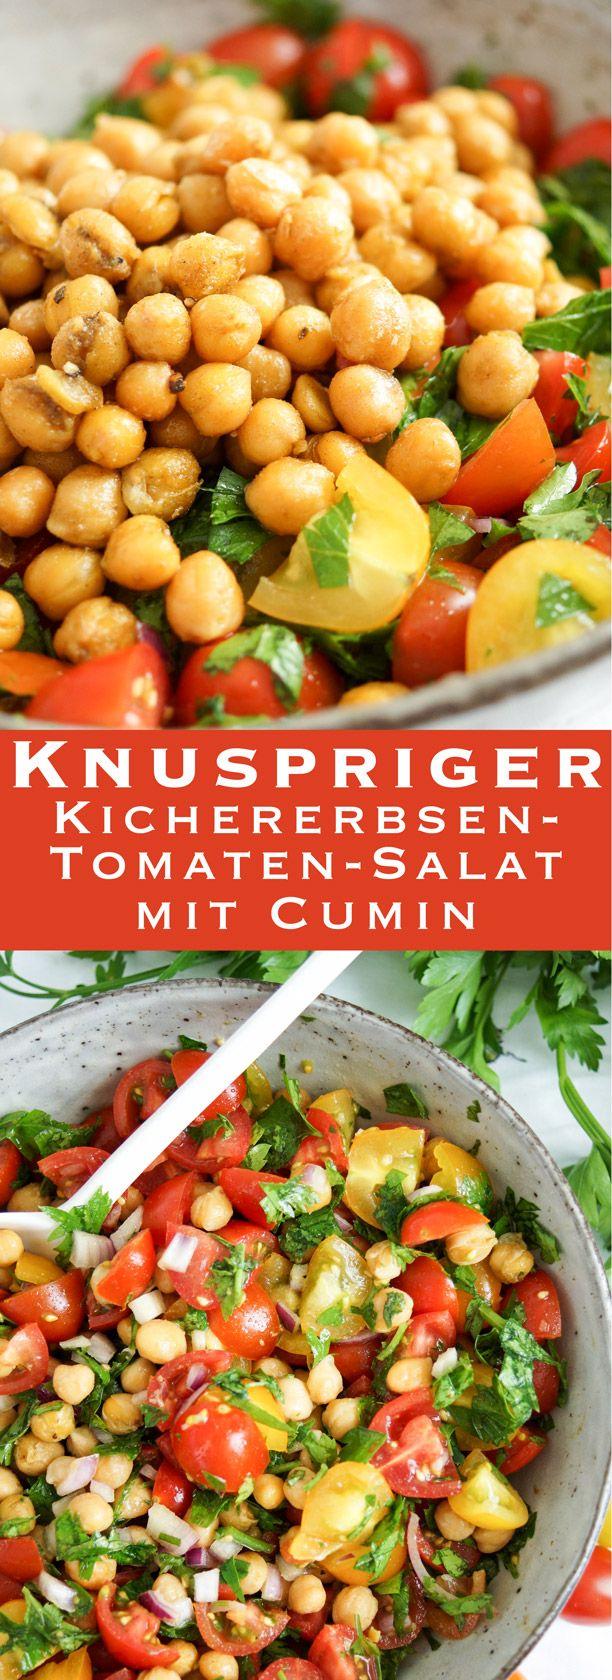 Einfache Rezept für Knusprige Kichererbsen-Tomaten-Salat (Vegan, Vegetarisch, Glutenfrei)